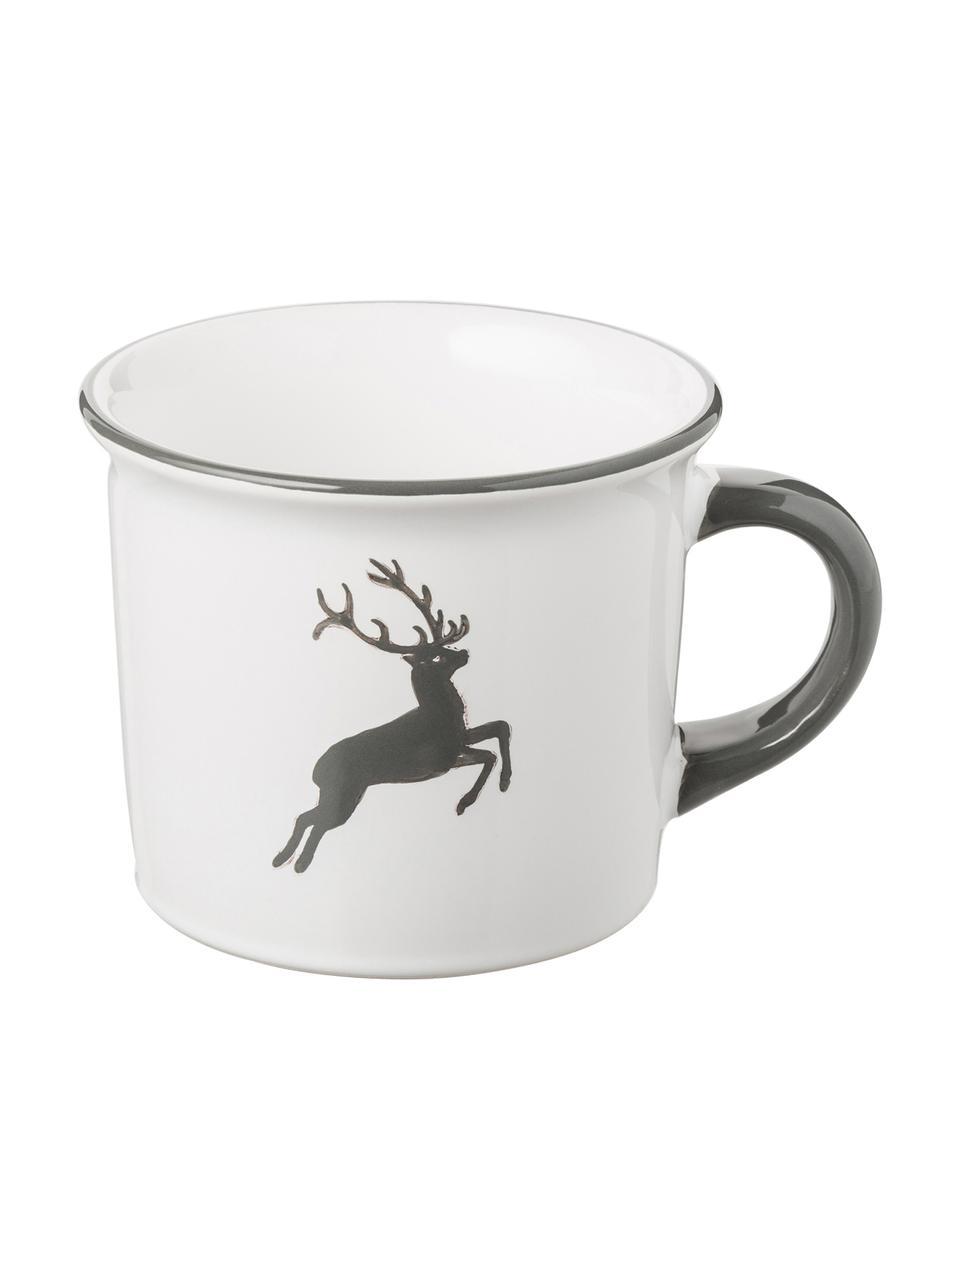 Handbeschilderde koffiemok Classic Grey Deer, Keramiek, Grijs, wit, 240 ml